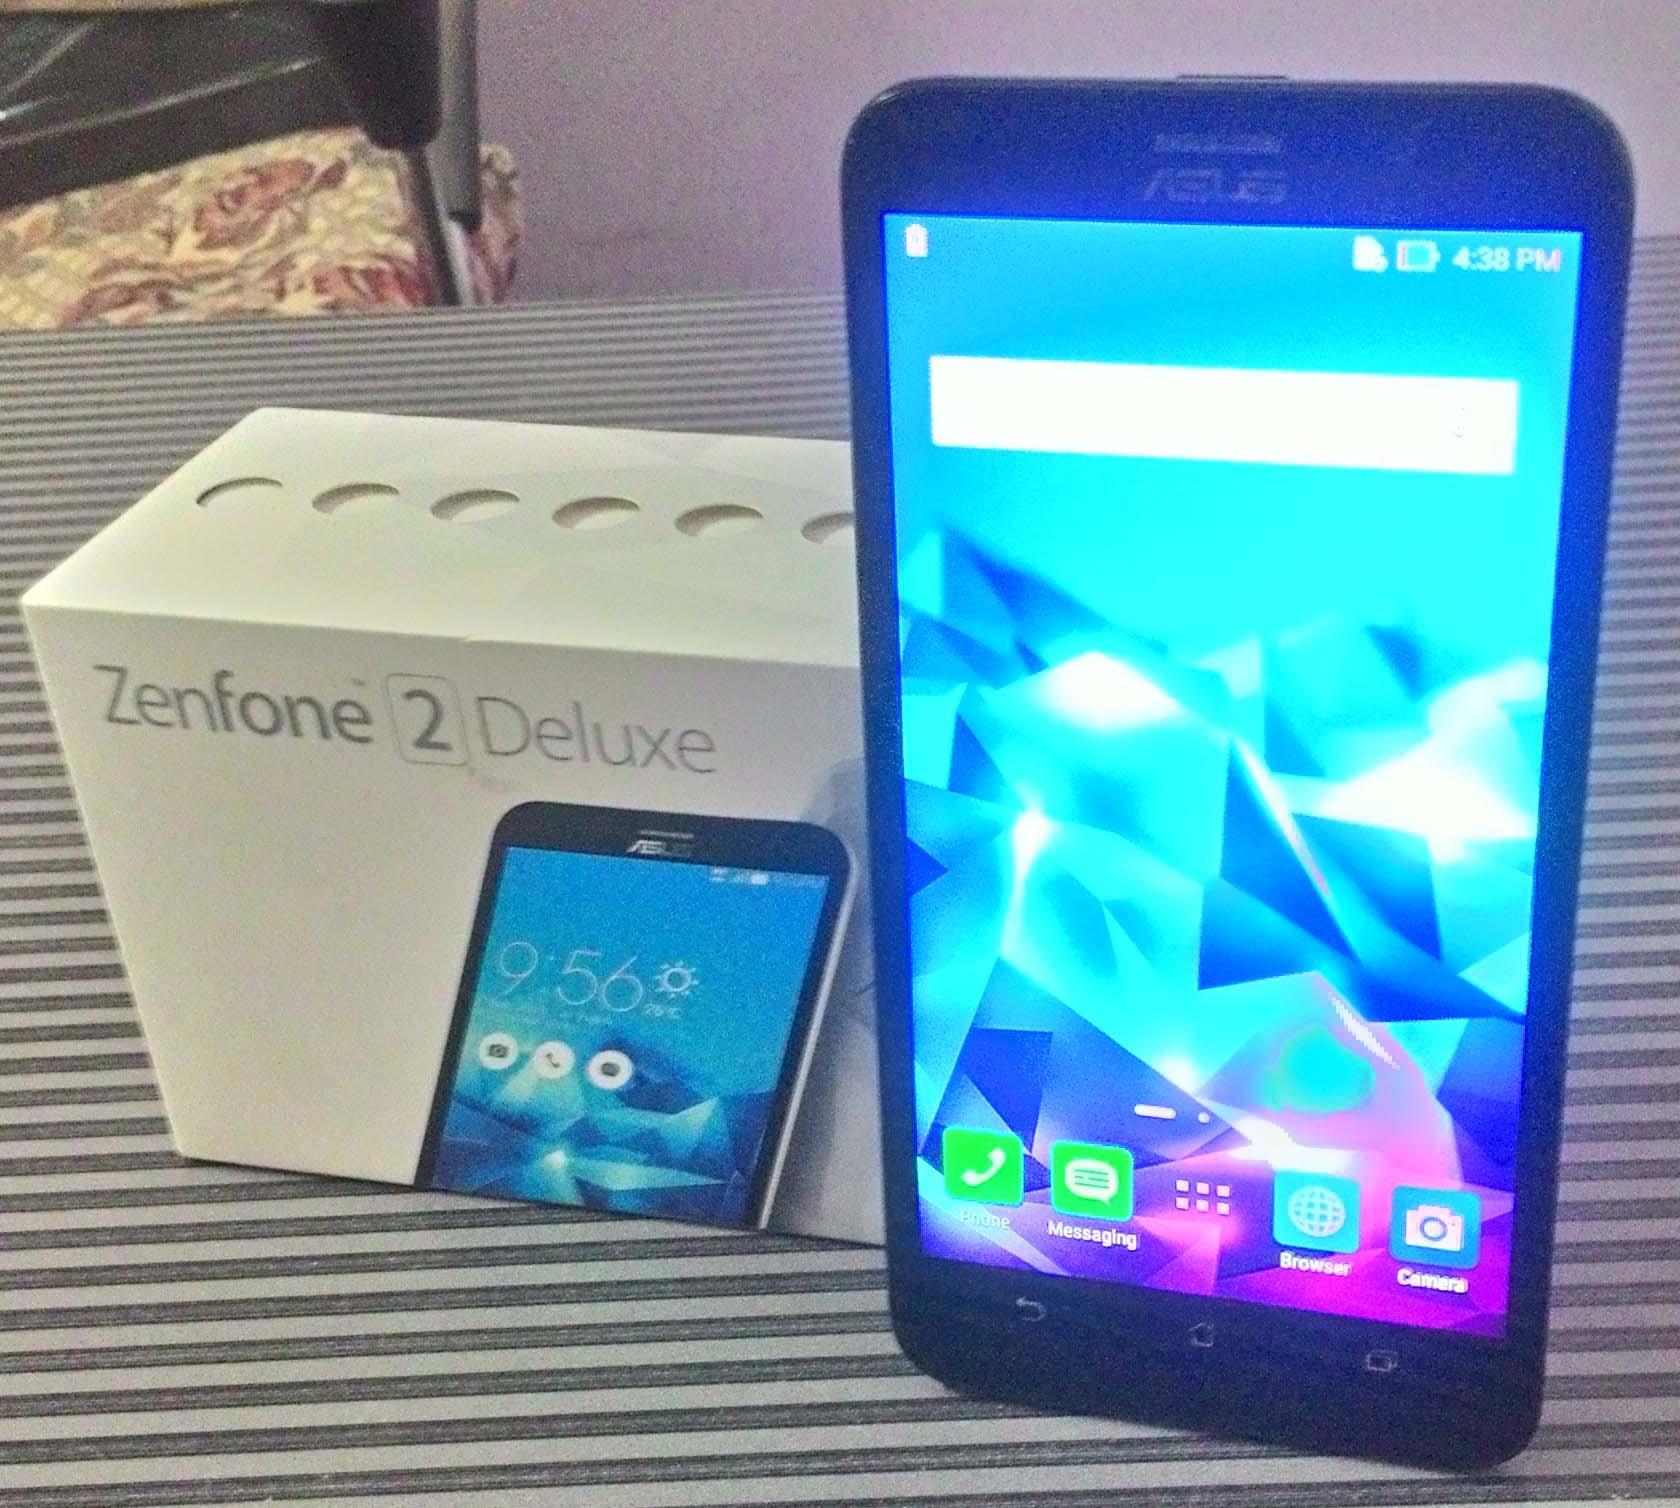 Zenfone 2 Deluxe Smartphone